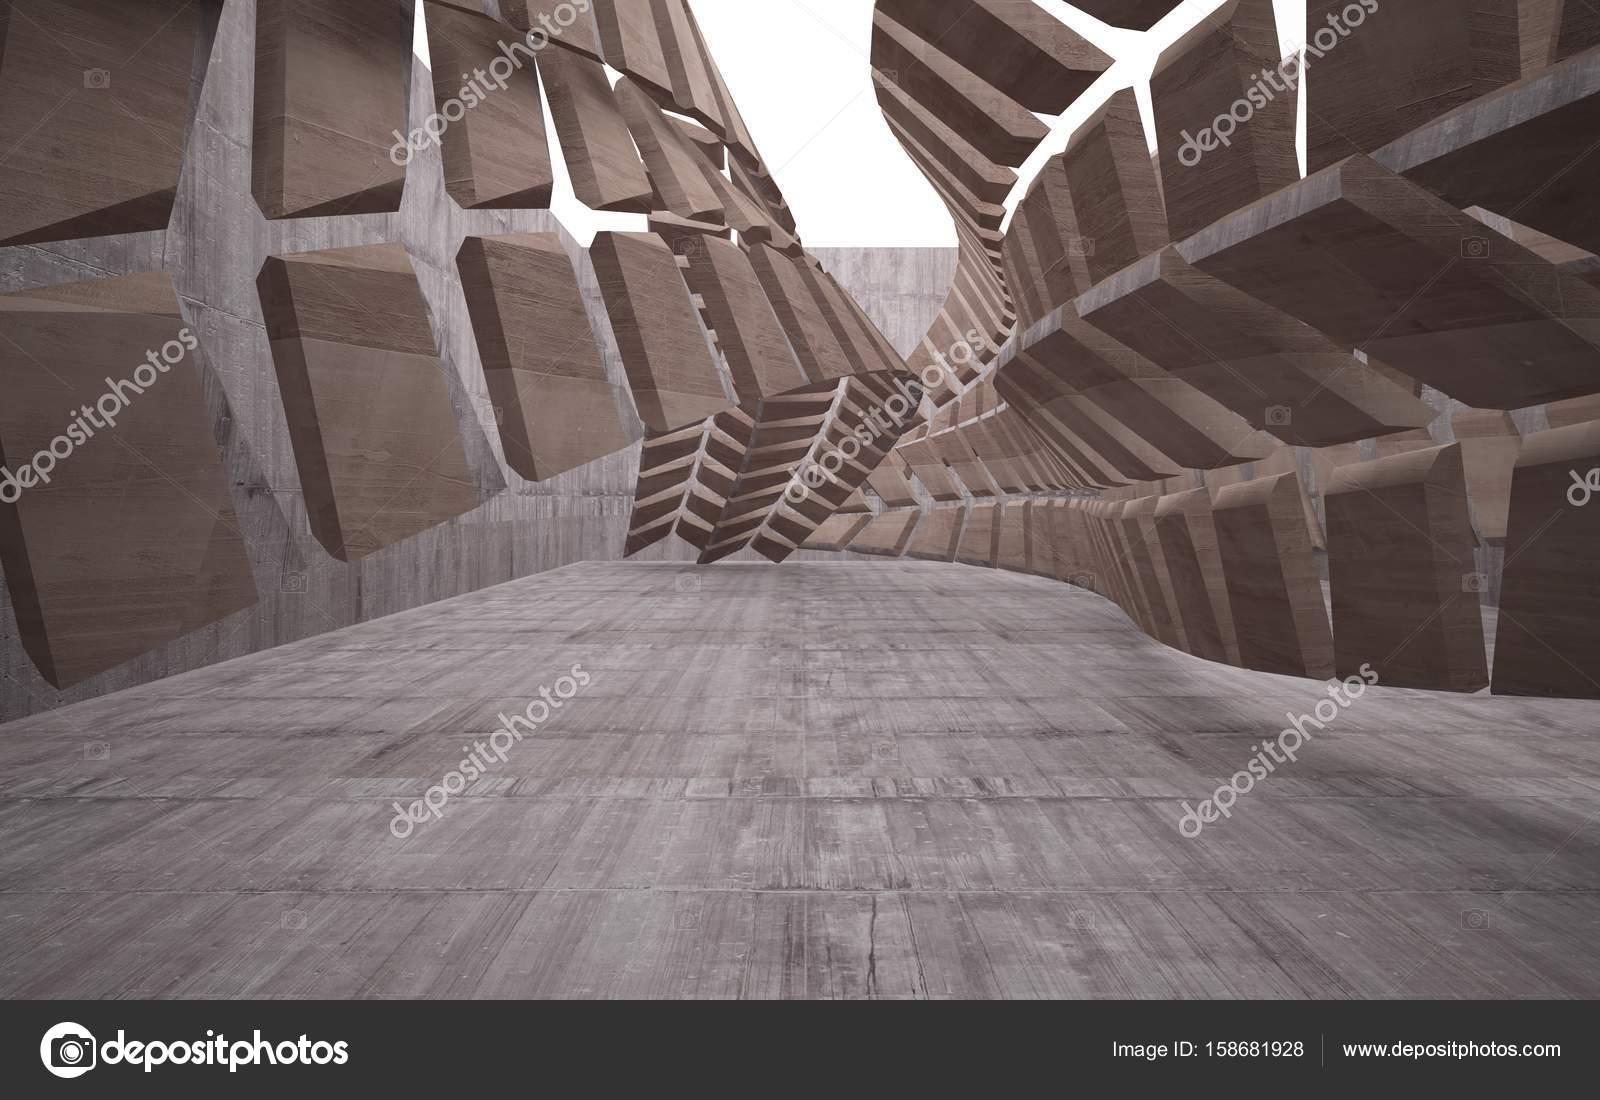 Beton In Interieur : Abstrakte interieur aus glas und beton u stockfoto